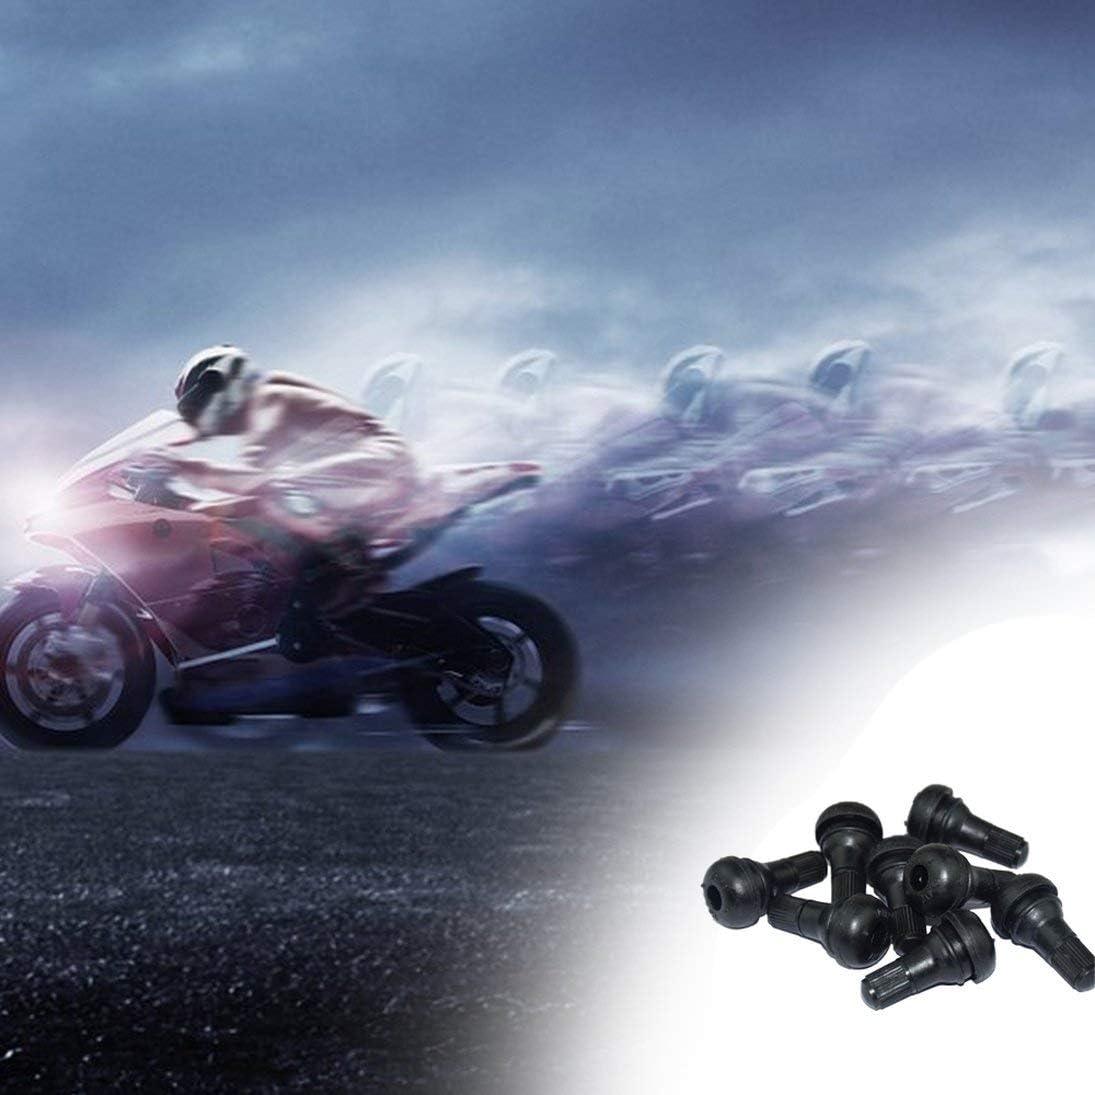 Set Snap-In Tige de Valve en Caoutchouc Noir TR412 pour Tubeless Trous de Jante 11.5mm Pneus de V/éhicules Tiges de Valves Roues Pneus Pi/èces WEIHAN 8pcs